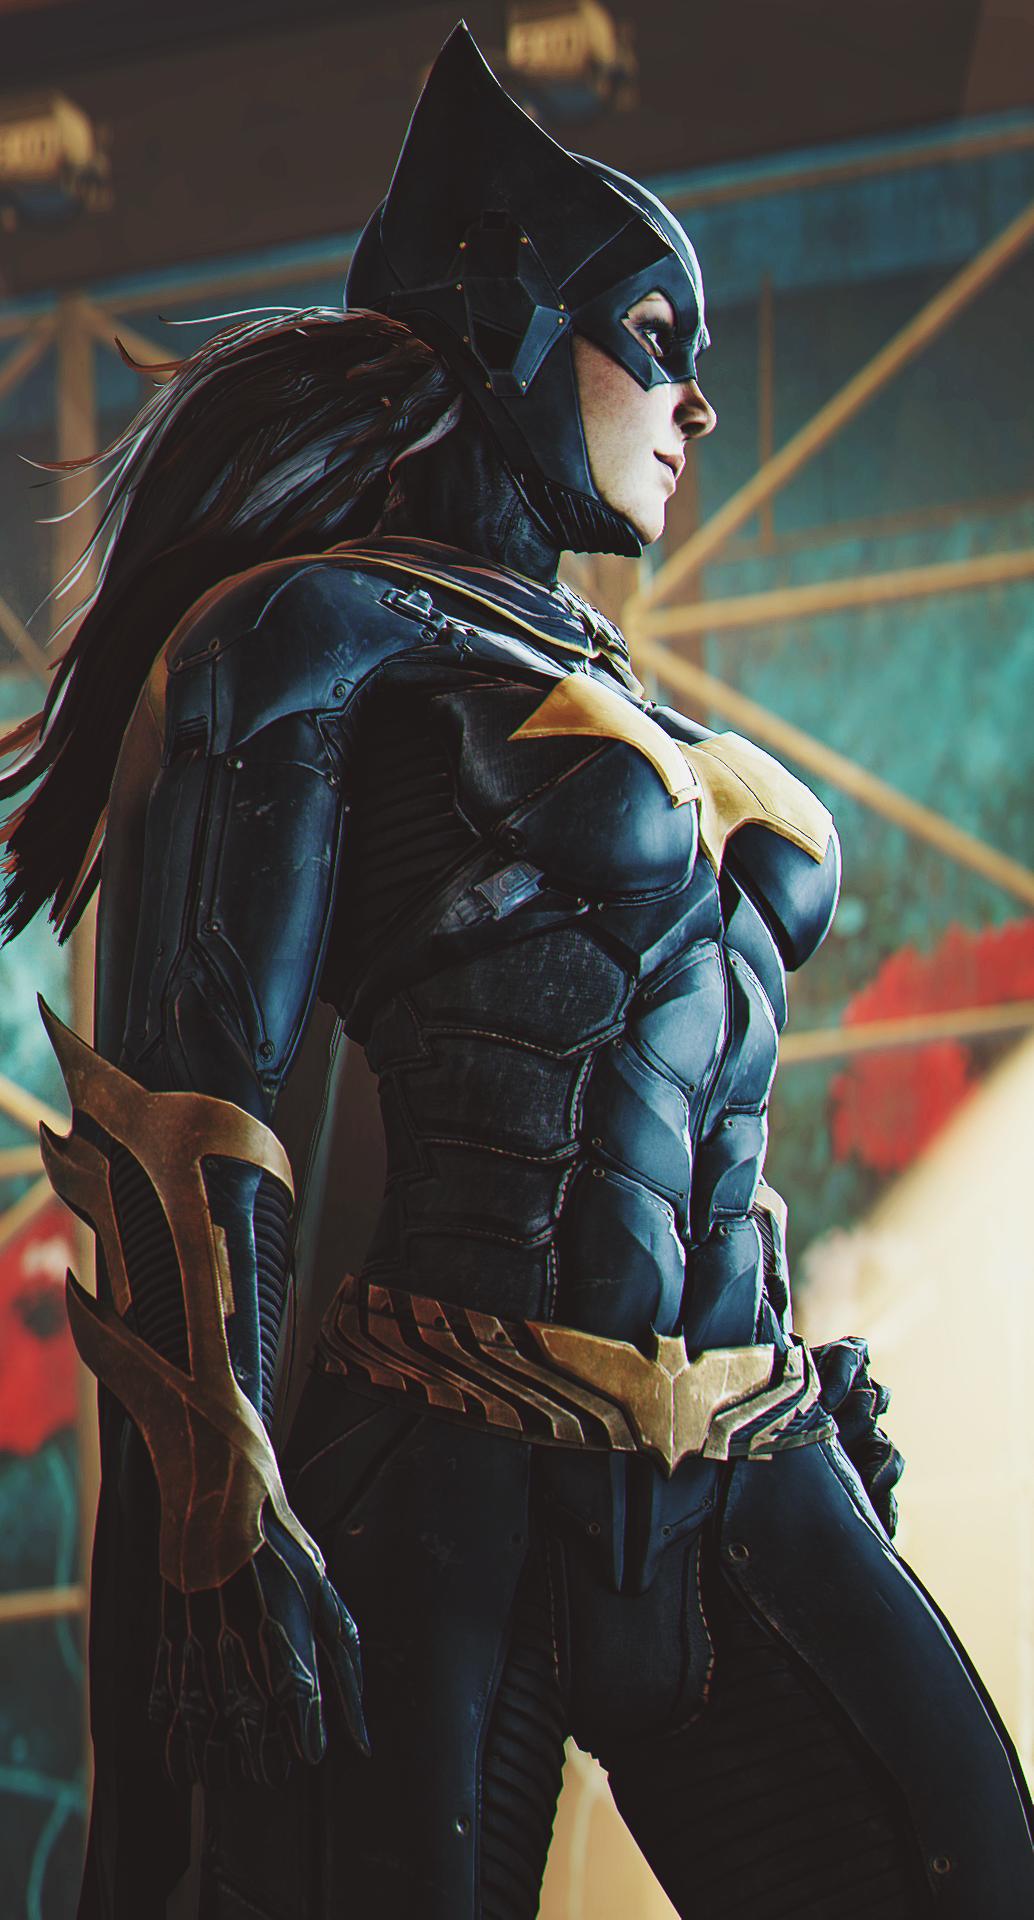 batgirl by angryrabbitgmod on deviantart